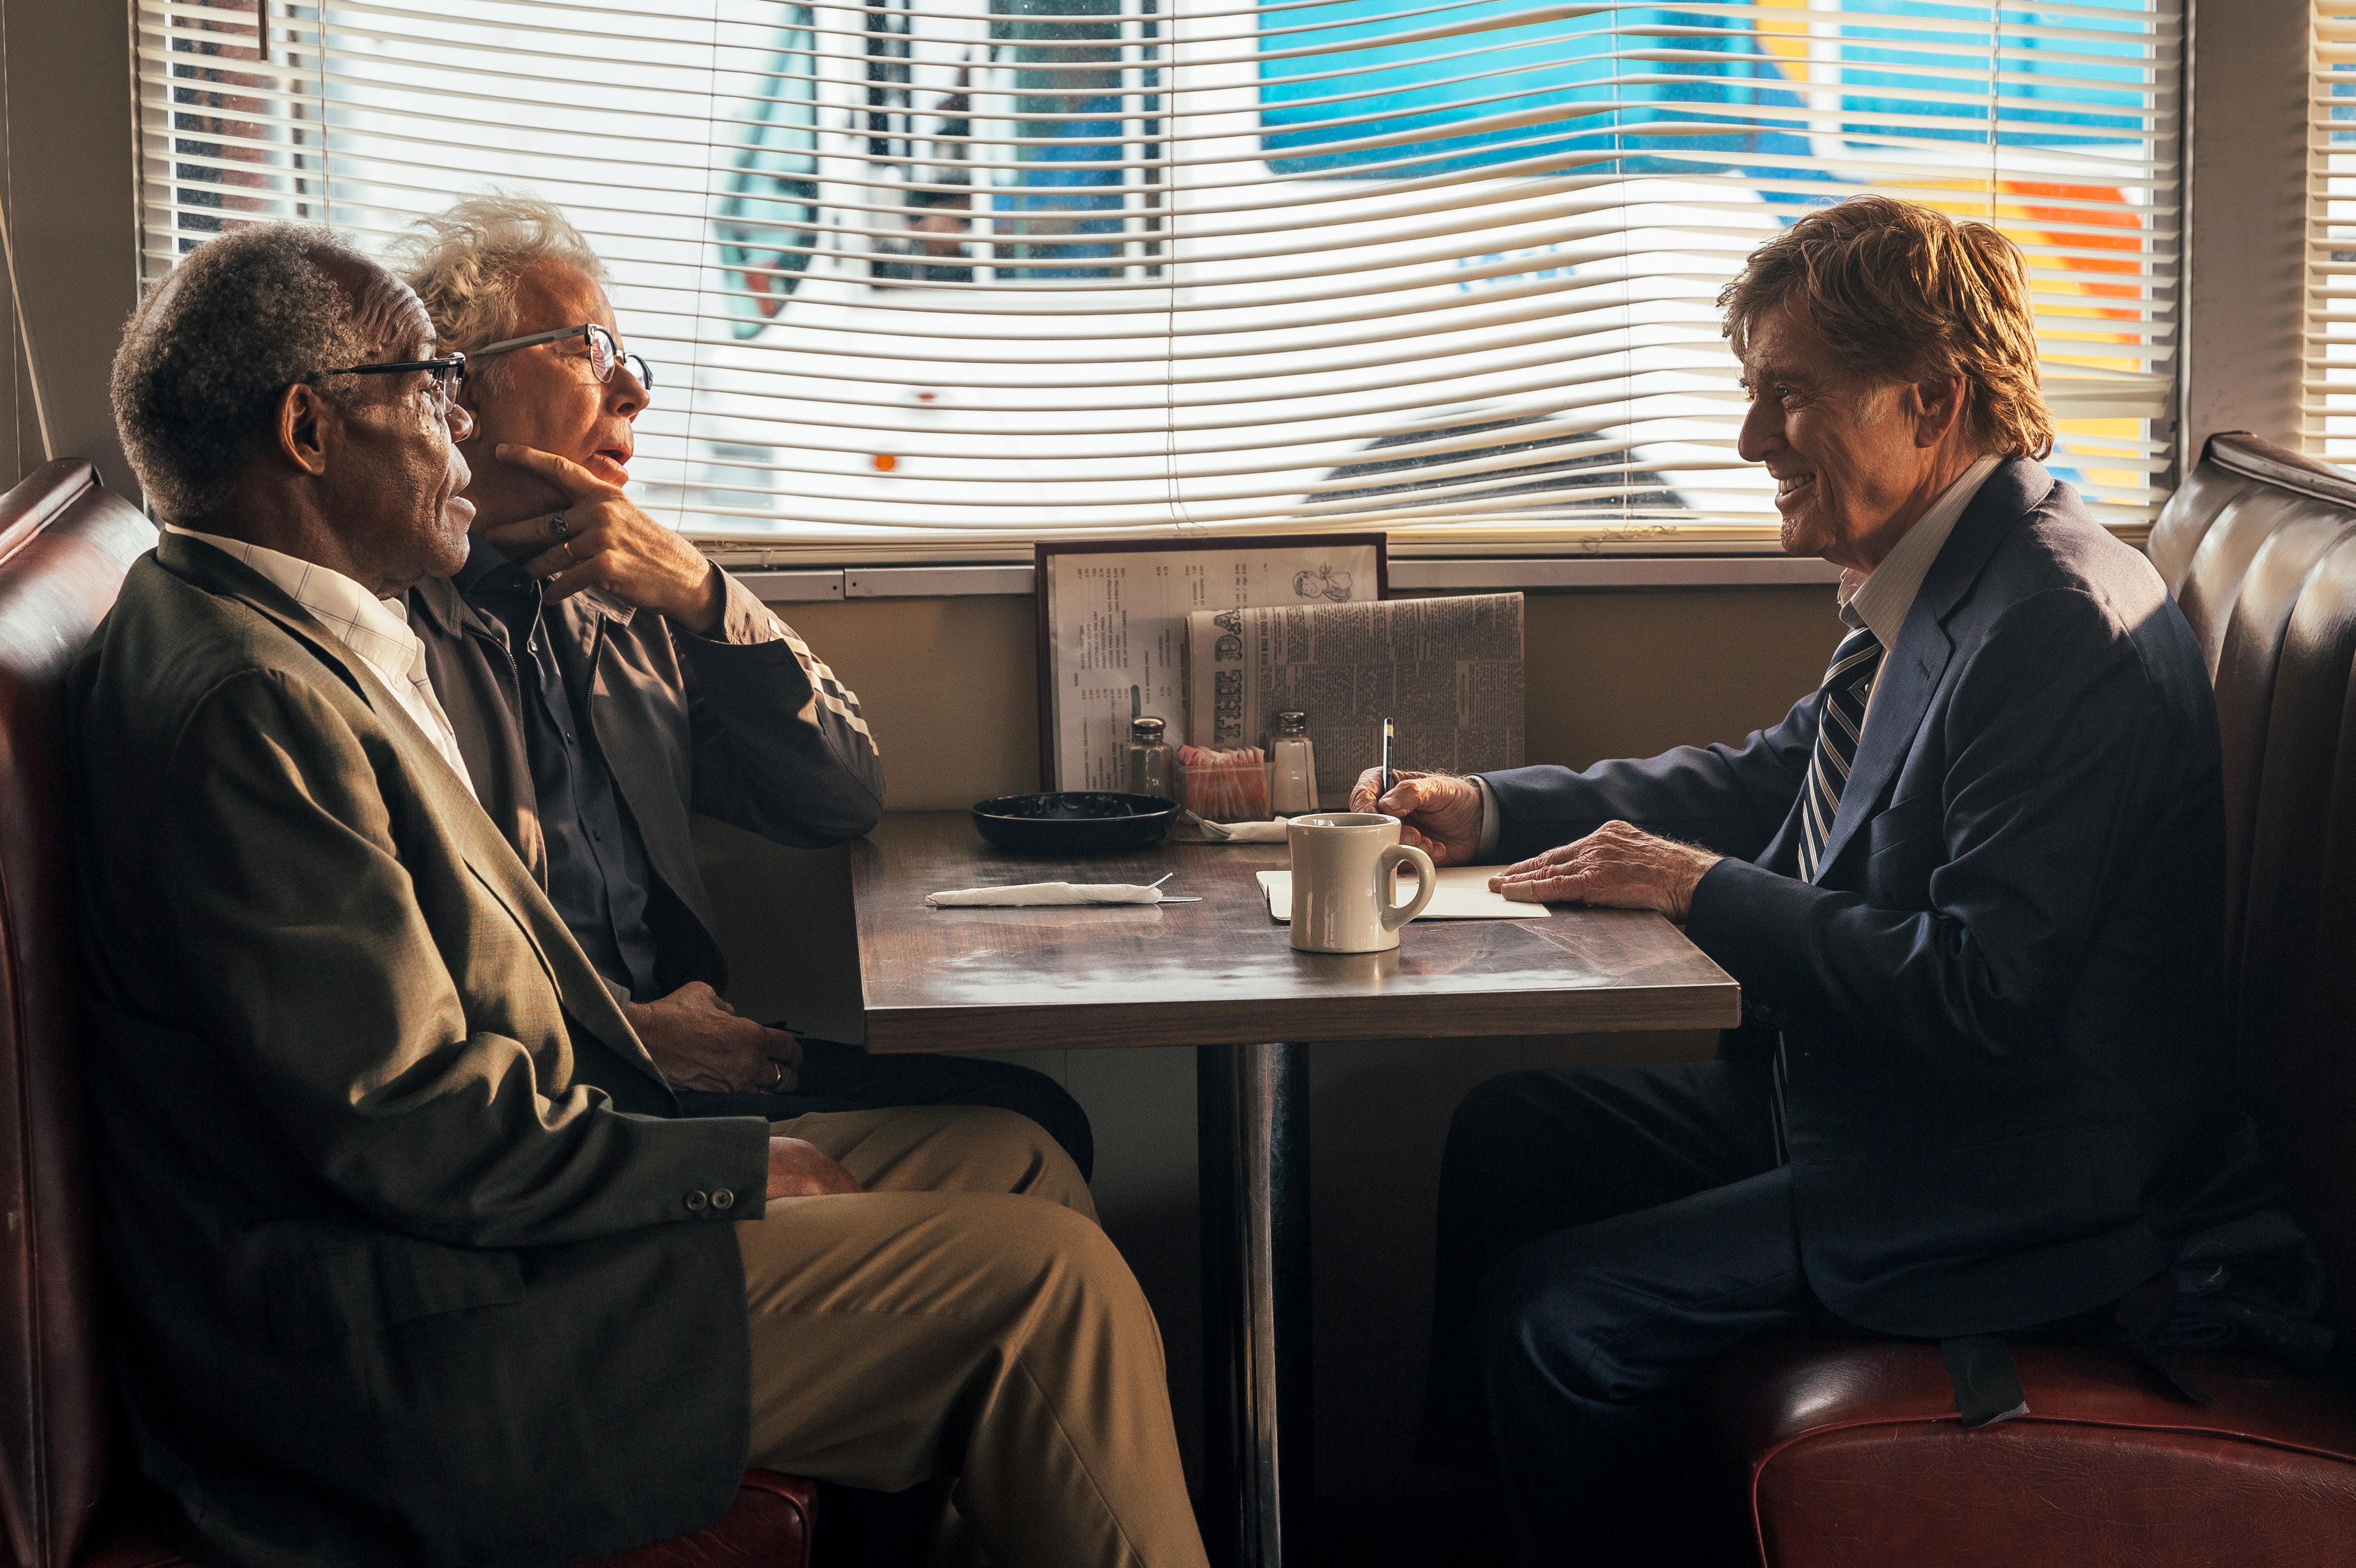 Rollelisten tæller blandt andet Robert Redford, Danny Clover og Tom Waits (Foto: © 2018 Twentieth Century Fox Film Corporation All Rights Reserved)